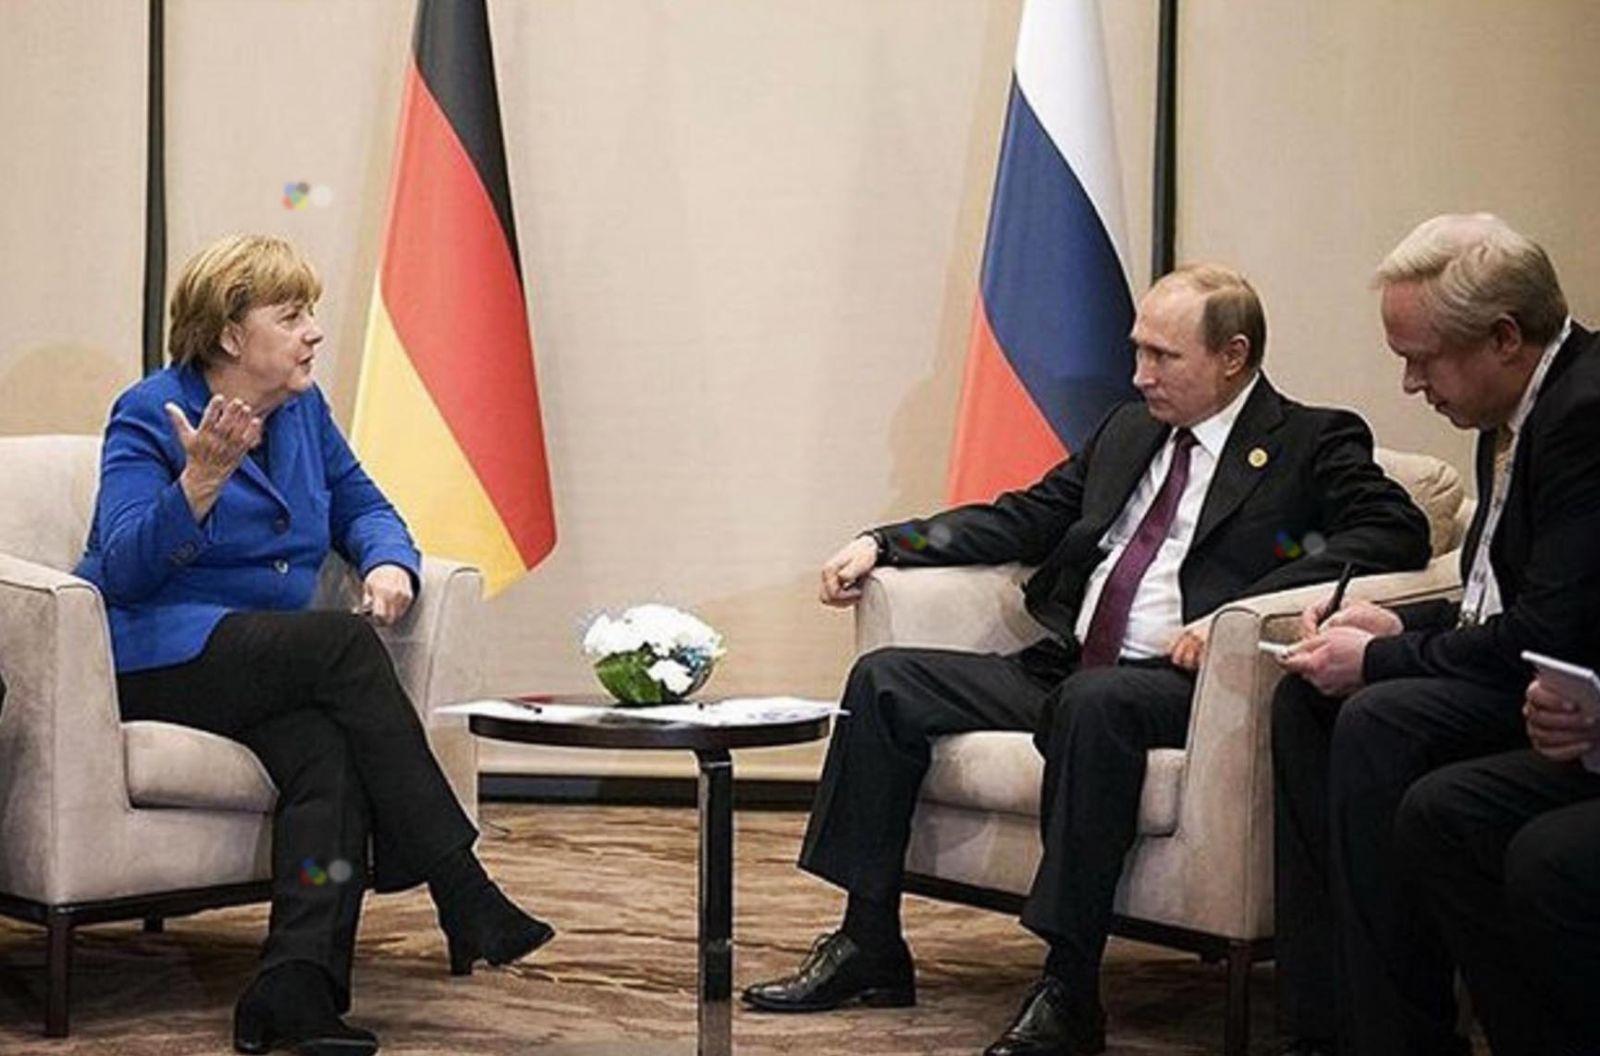 На саммите G20 Путин будет обсуждать с Меркель и Олландом украинский вопрос